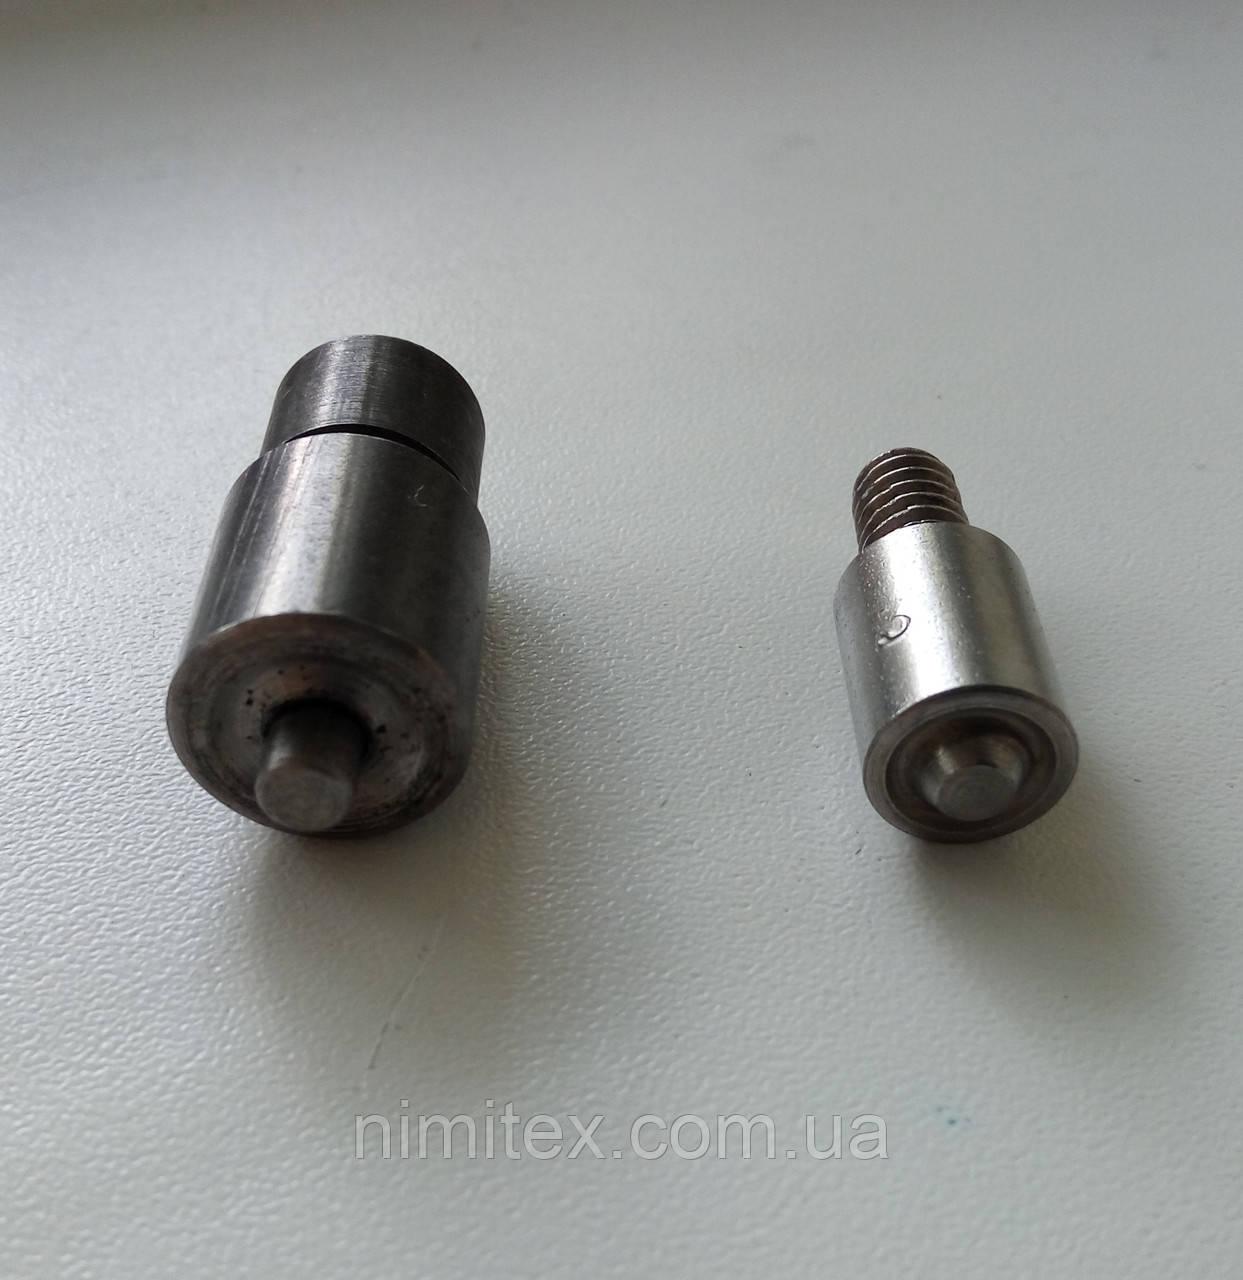 Матрица на блочку №3 - 5 мм